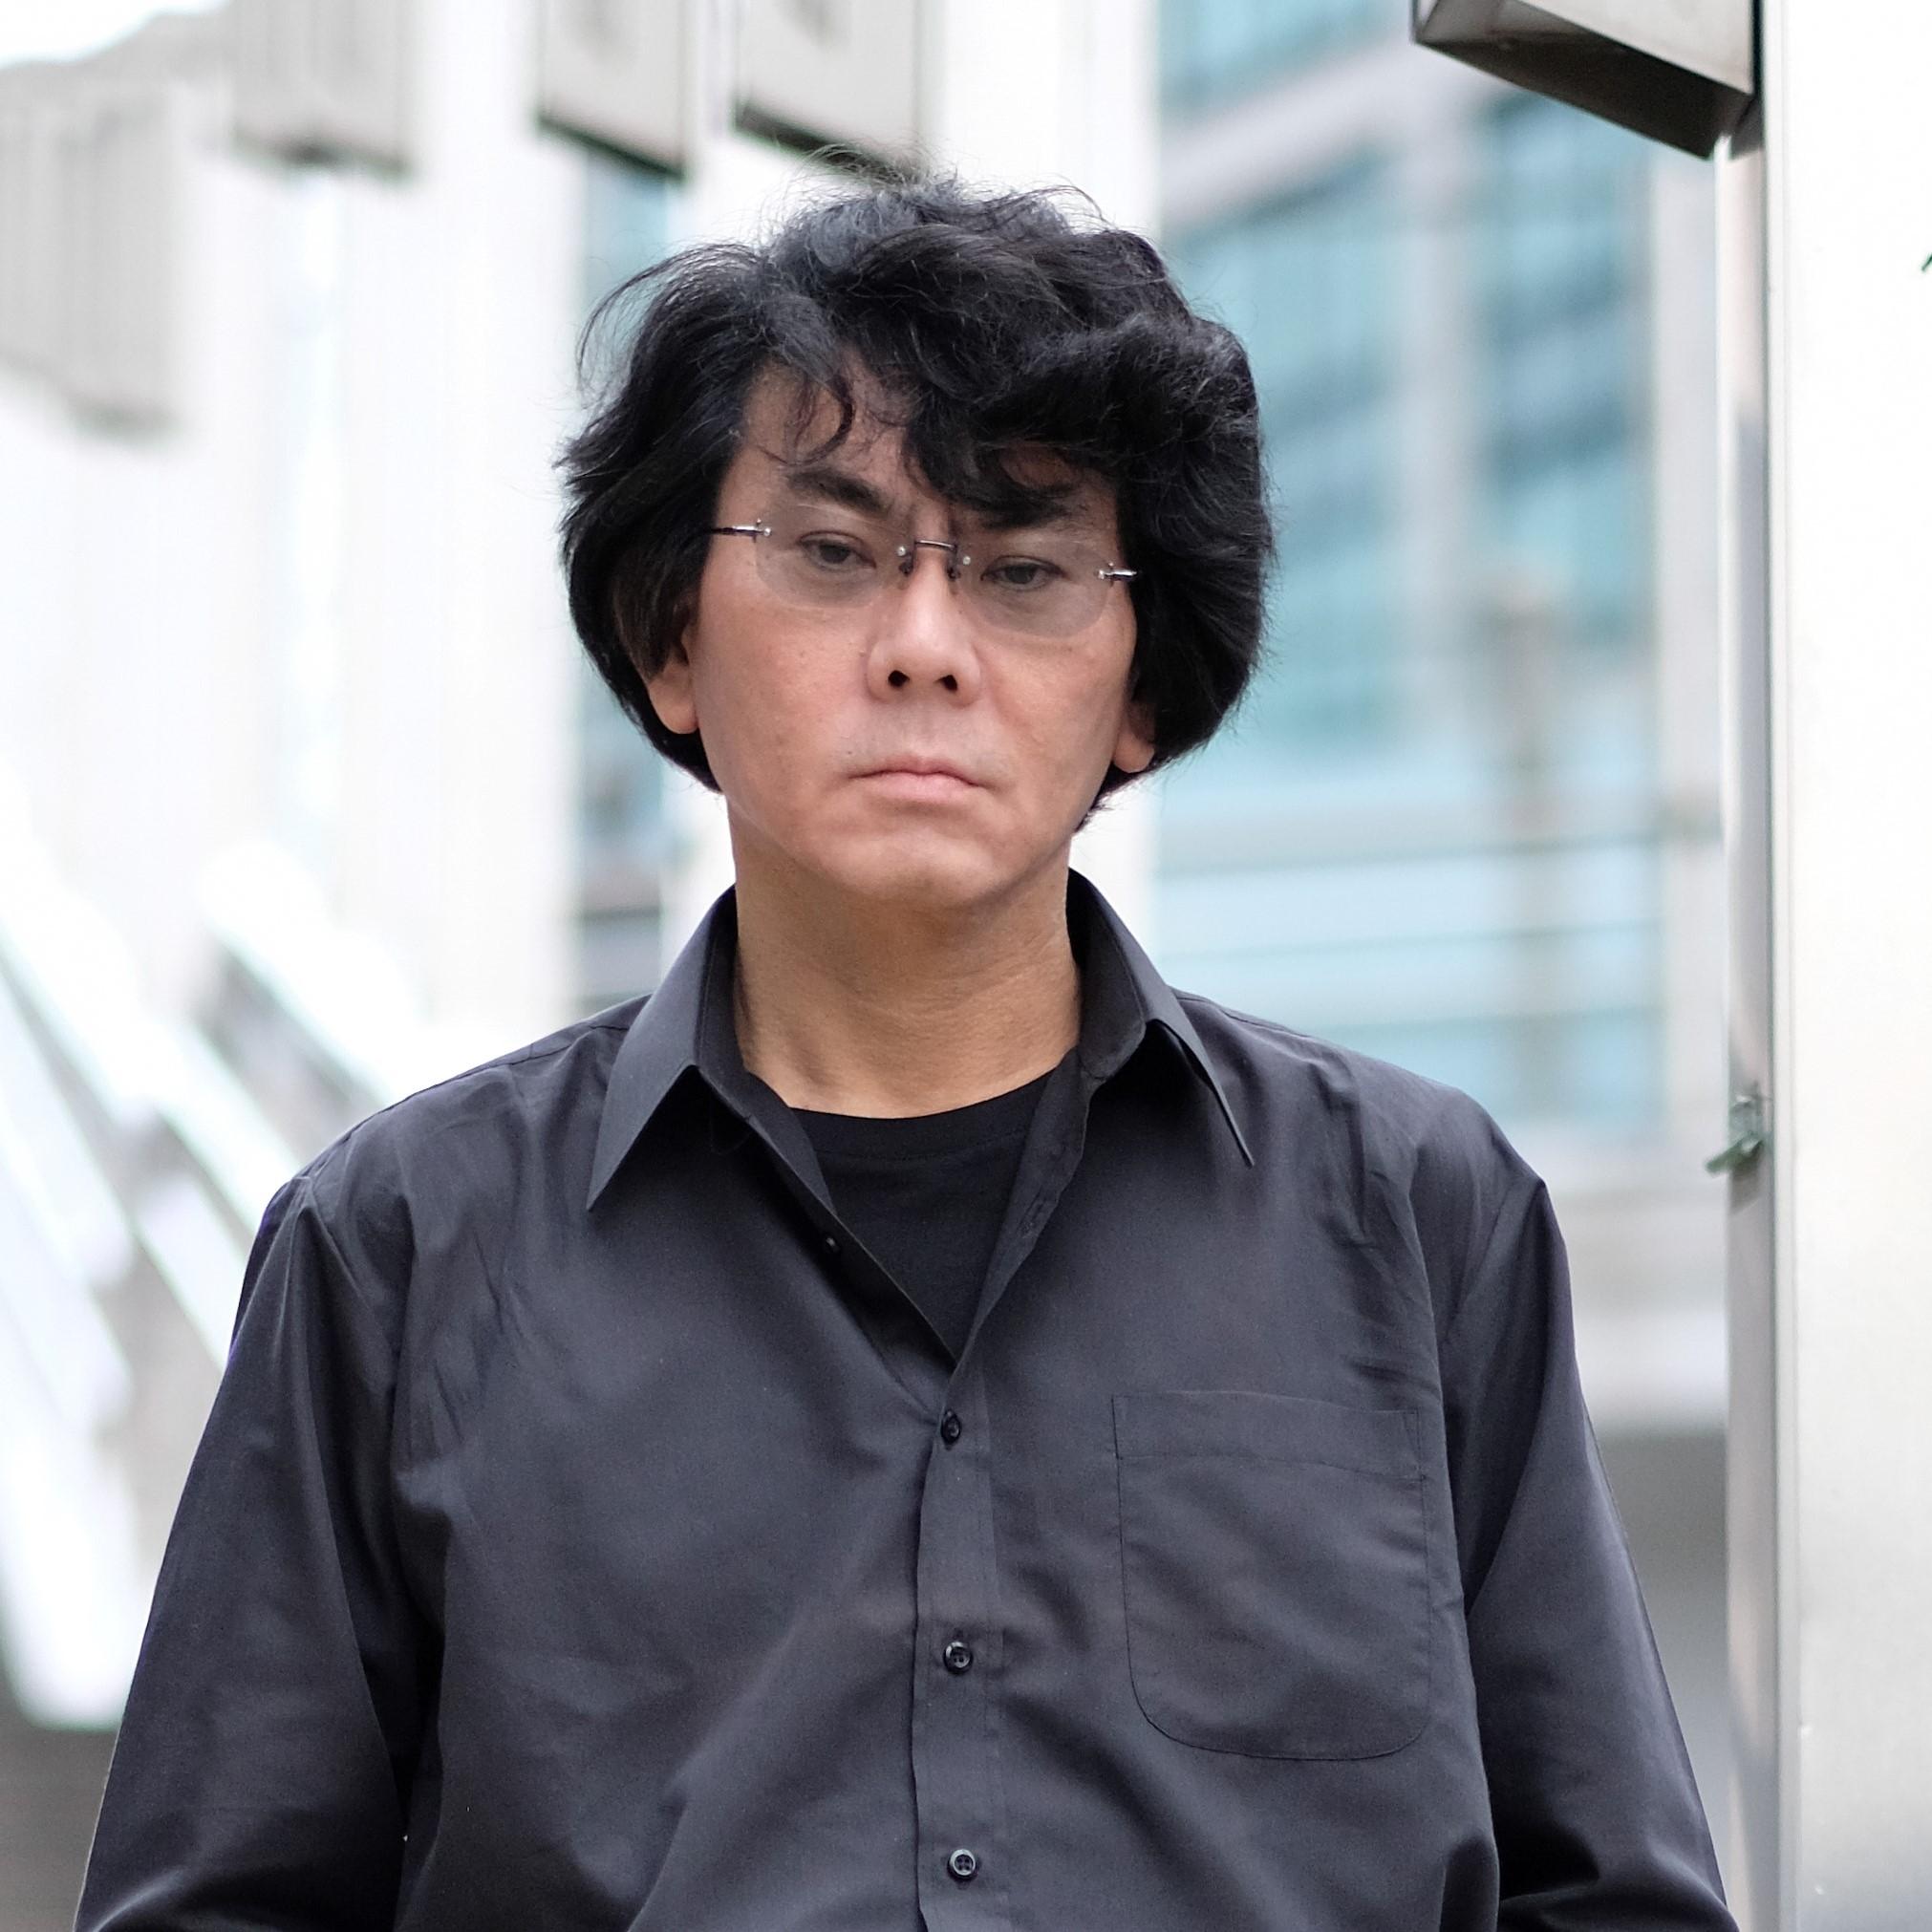 インタビュー 本と私 石黒 浩さん